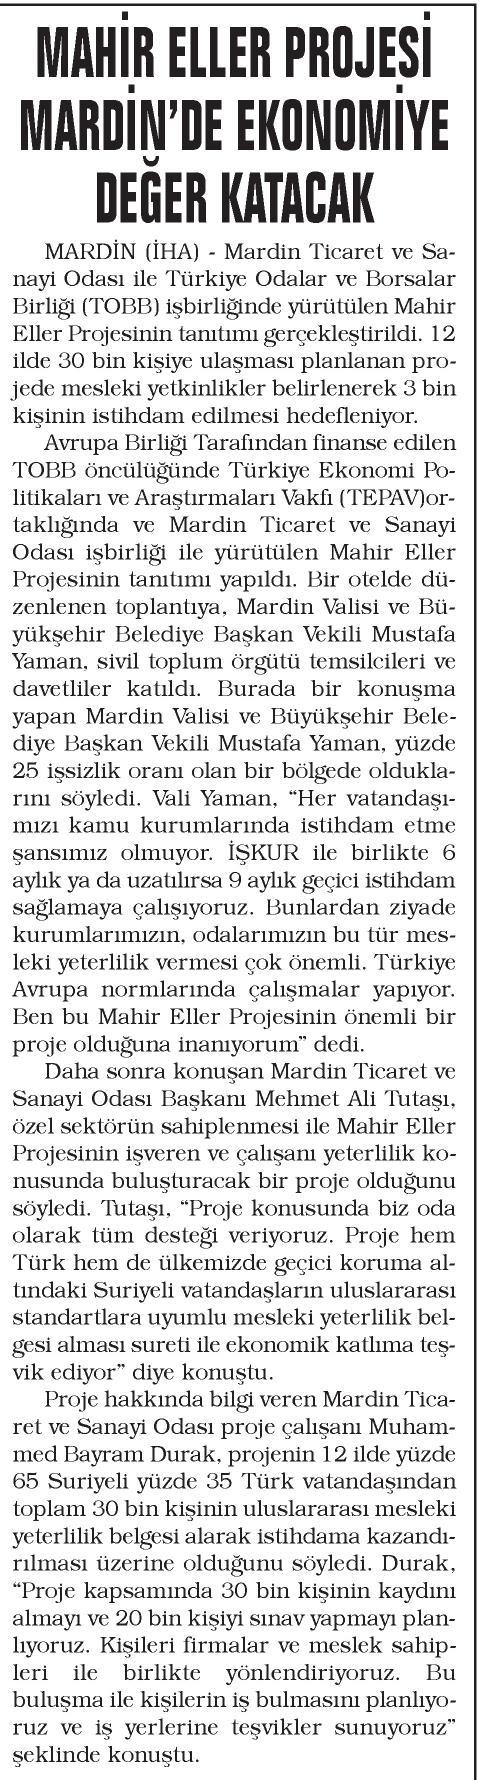 Mahir Eller Projesi Mardin